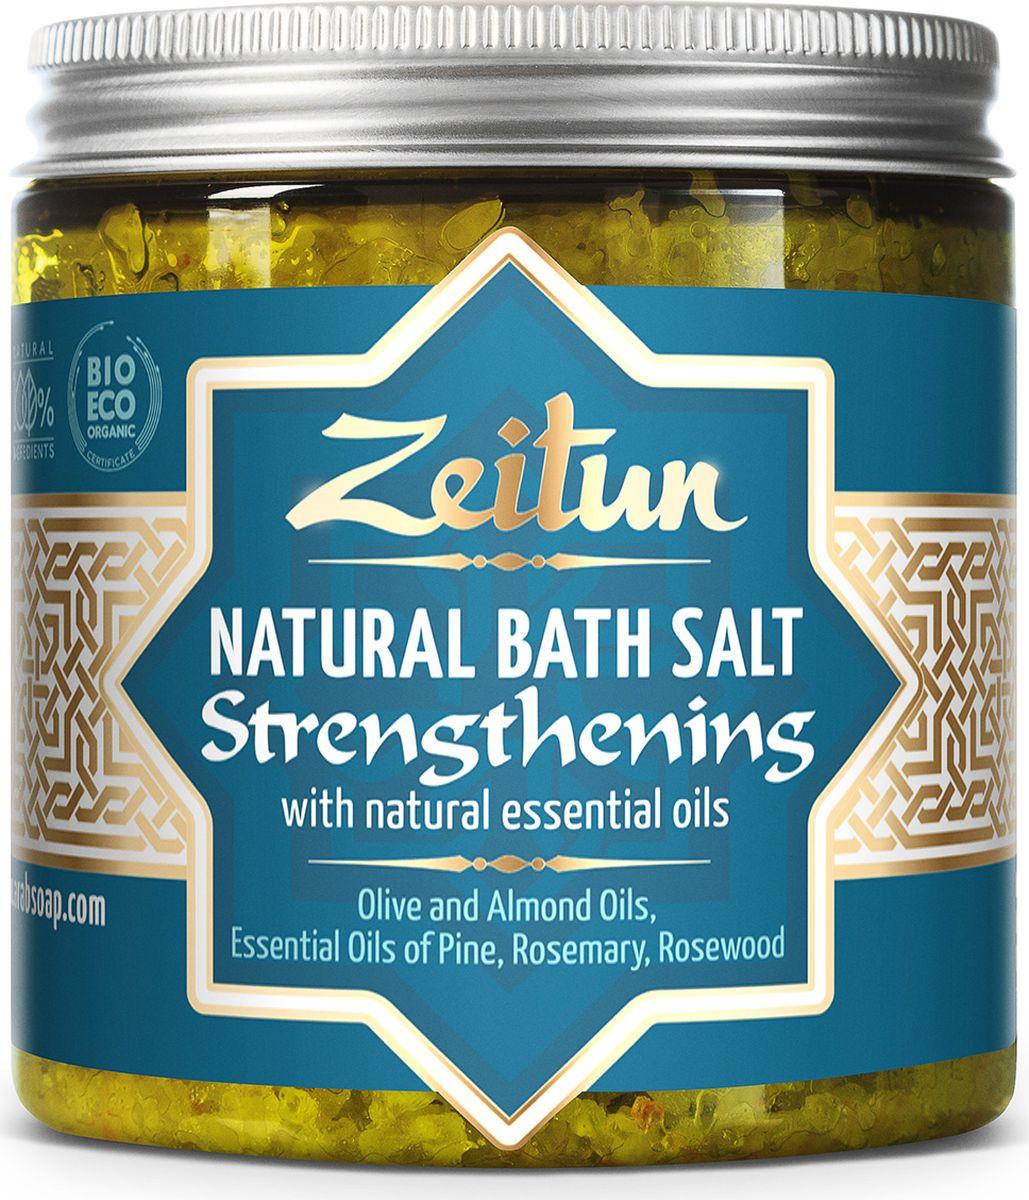 Зейтун Аромасоль для ванны для подтяжки кожи, 250 млZ2110Экстакт опунции в сочетании с эфирным маслом грейпфрута очень эффективны для подтяжки и тонизации кожи, а гидрофильные масла оказывают прекрасный увлажняющий эффект. Не оставляет масляных следов на ванне.